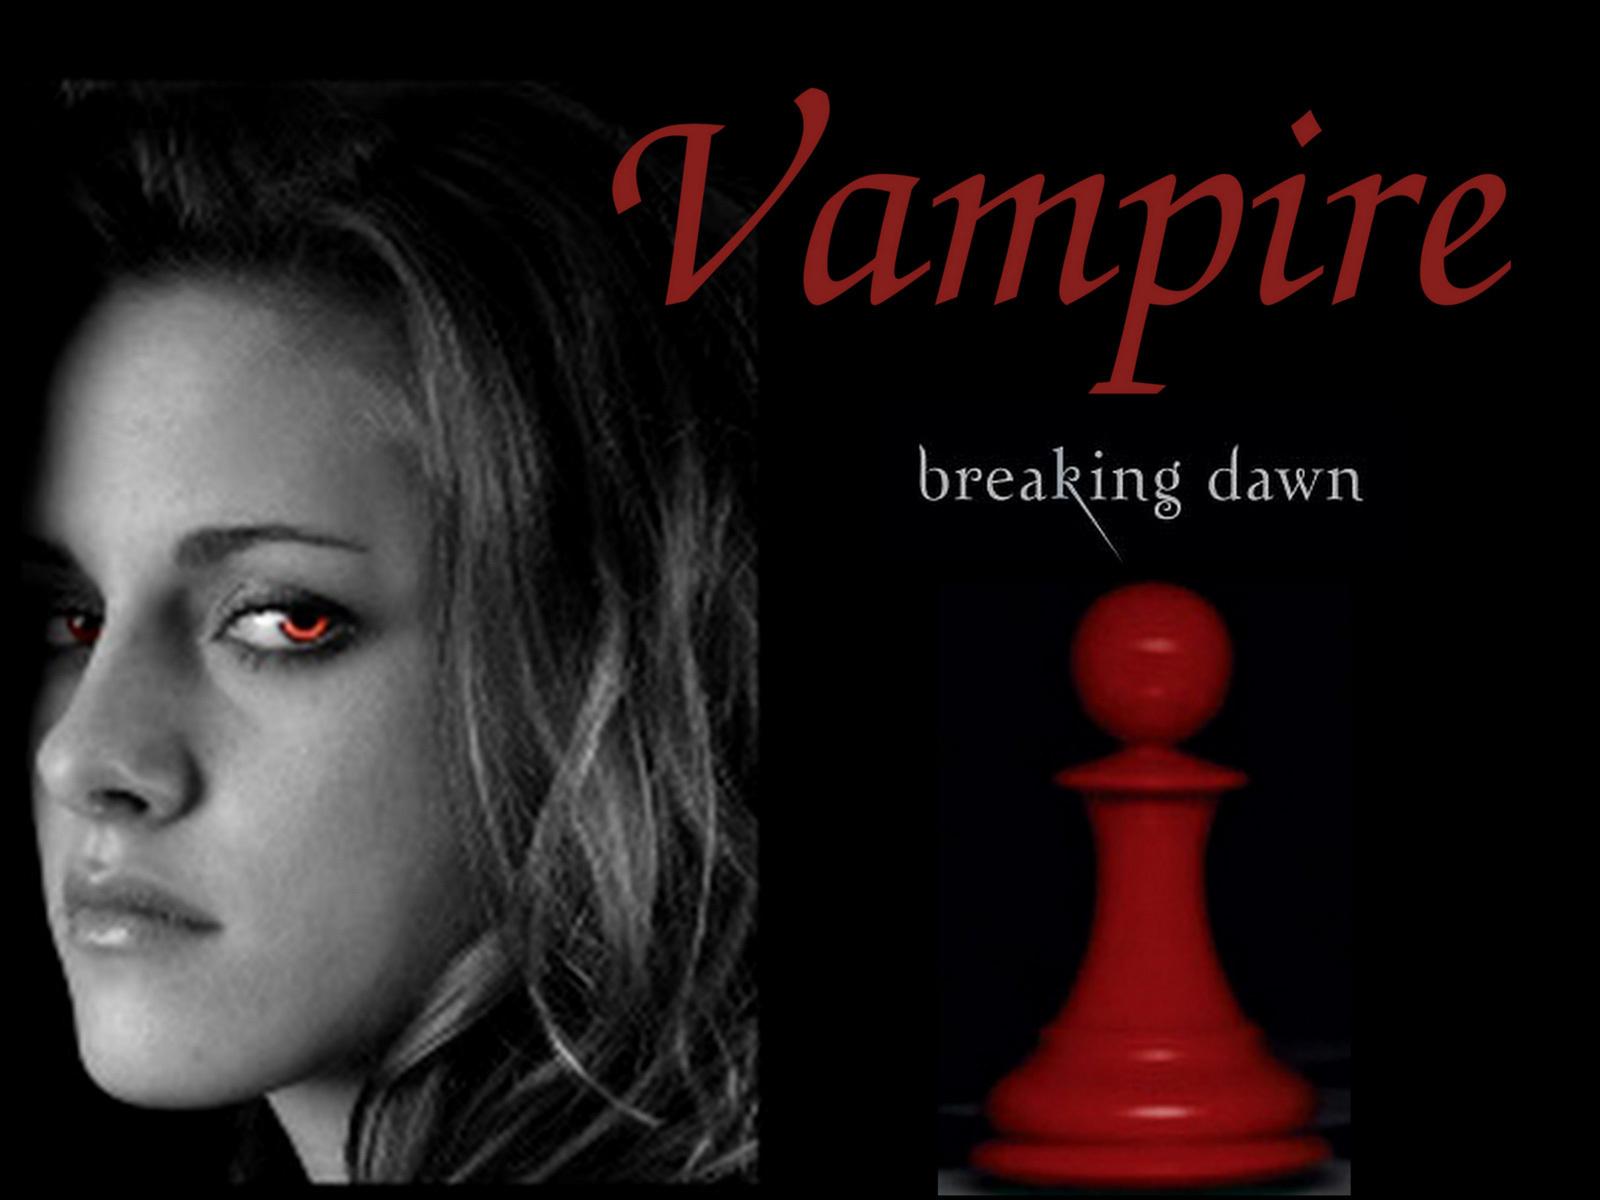 Bella Vampire Twilight Series Fan Art 7920407 Fanpop